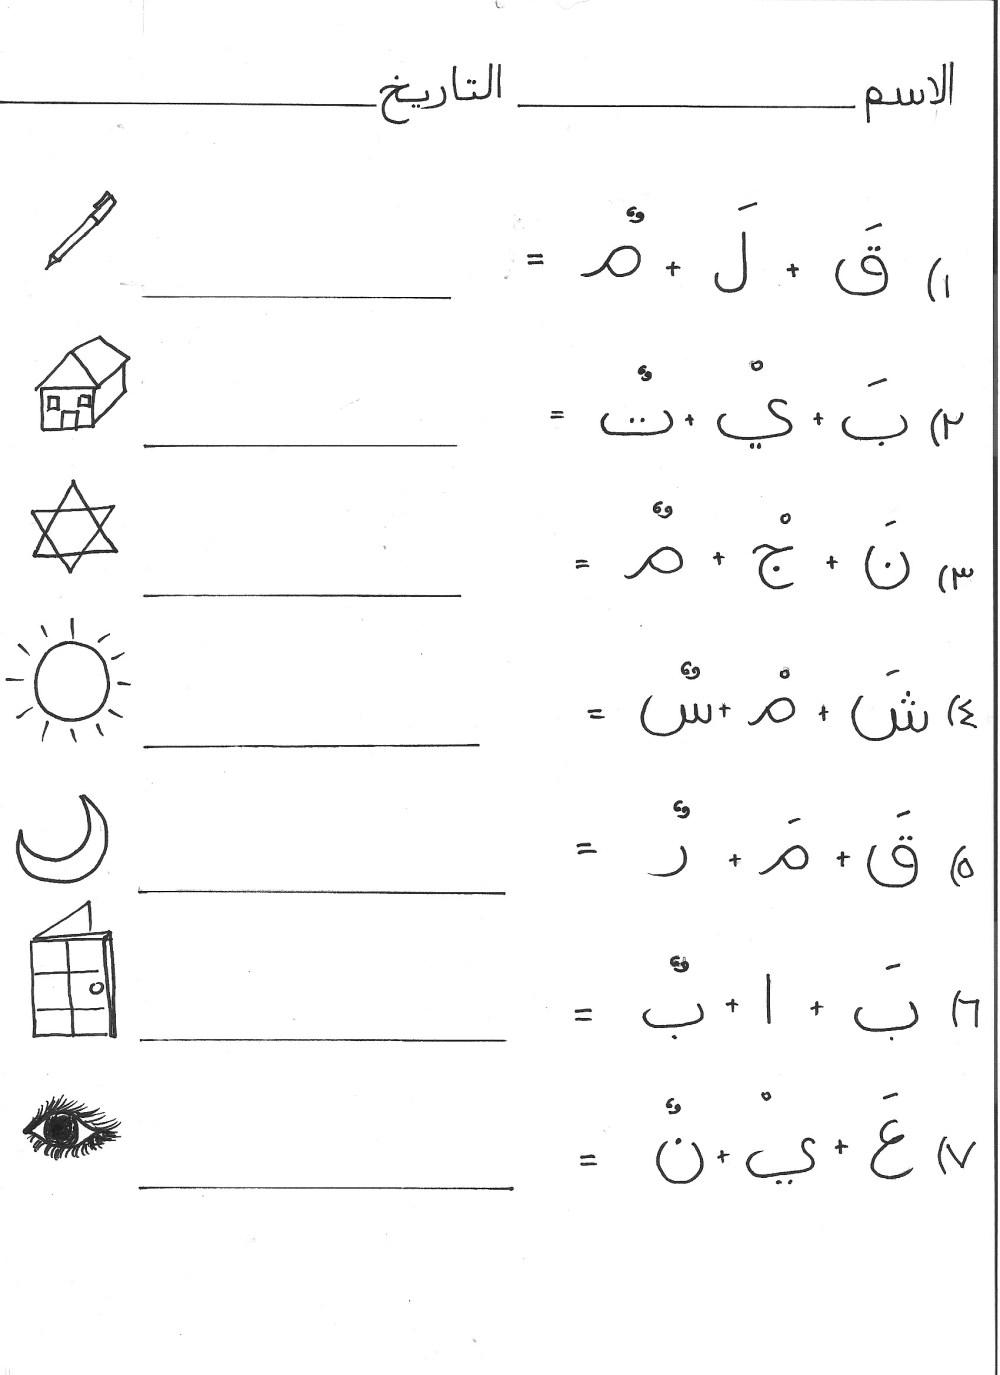 medium resolution of Urdu Letters Worksheets - Letter